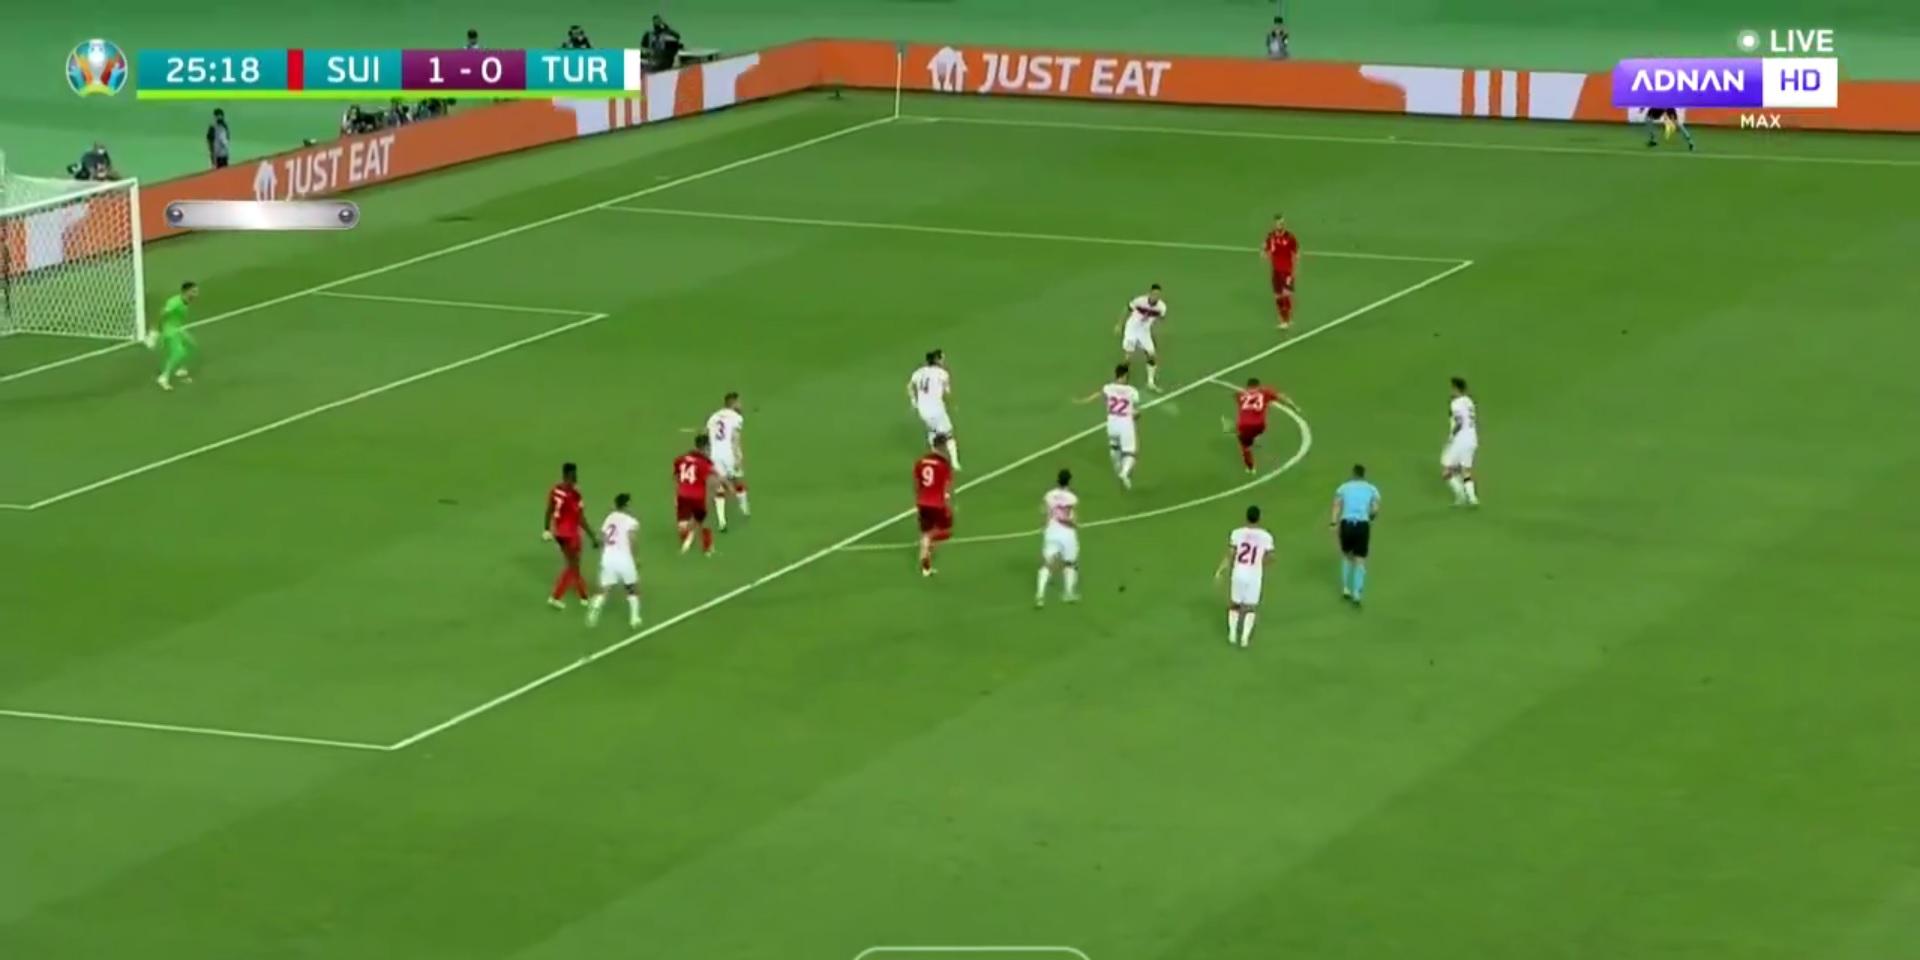 (Video) Xherdan Shaqiri bags unreal goal with weak foot for Switzerland at Euro 2020